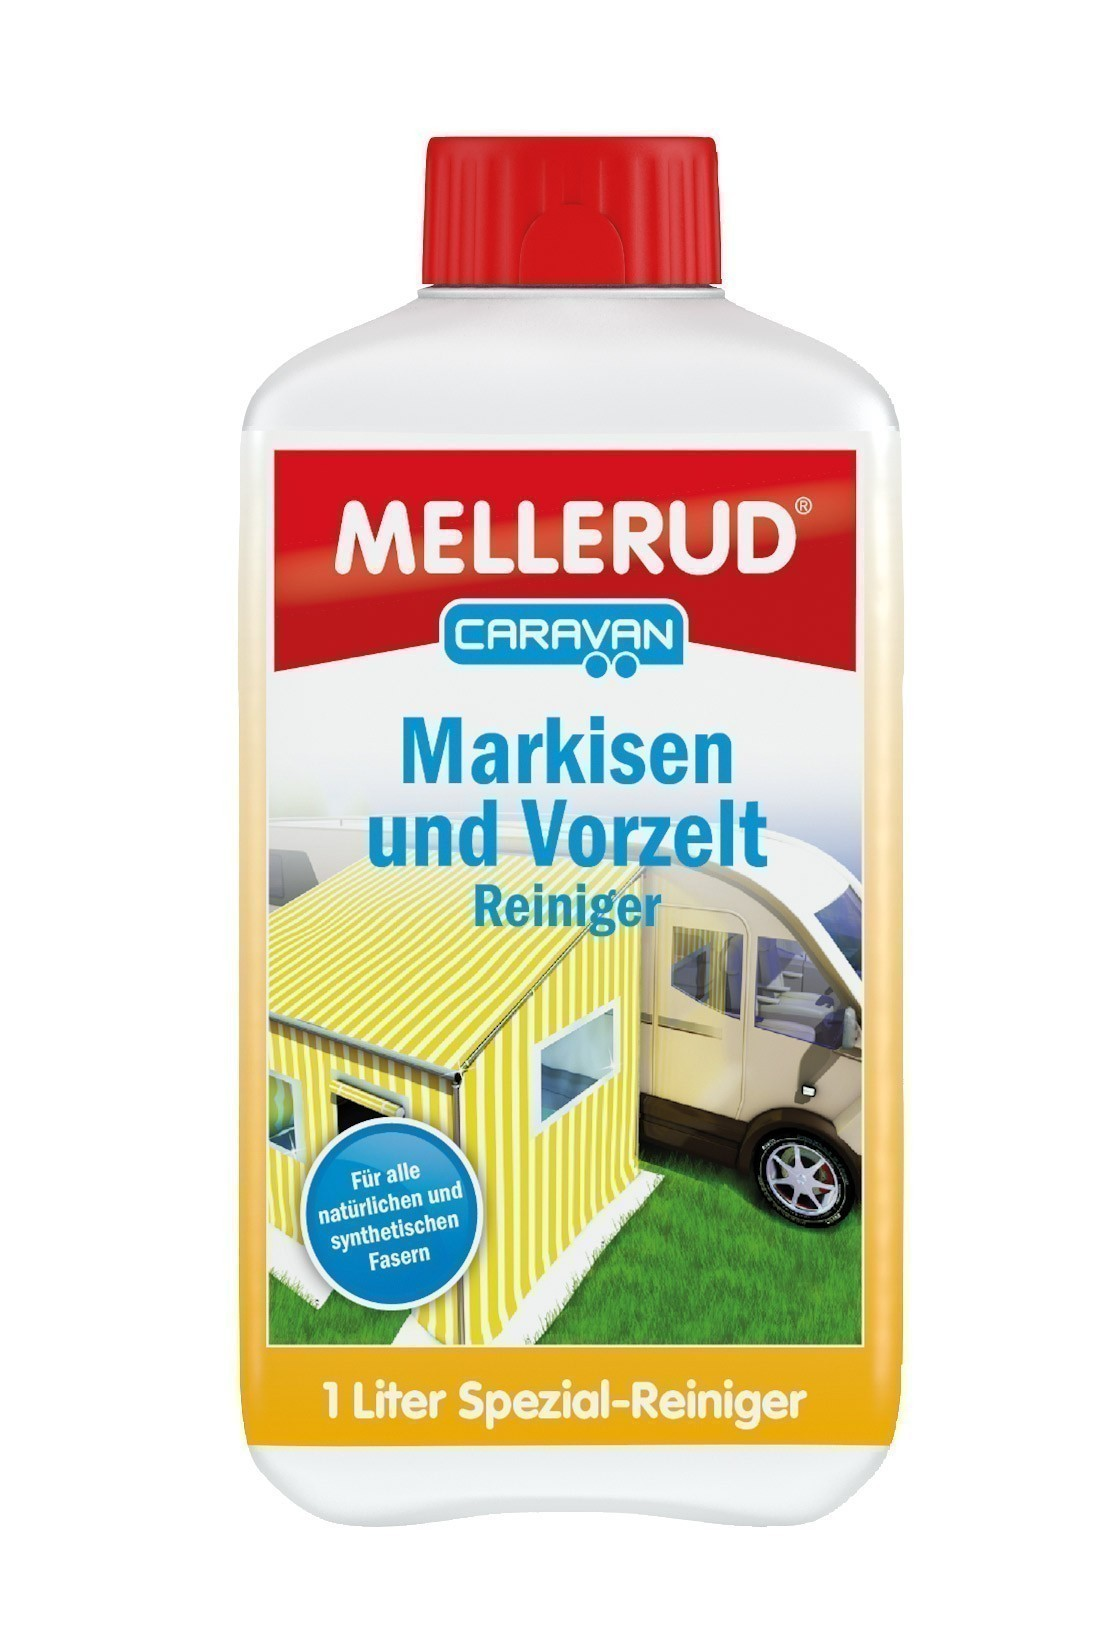 Mellerud Caravan Markisen Und Vorzelt Reiniger 1 L Bei